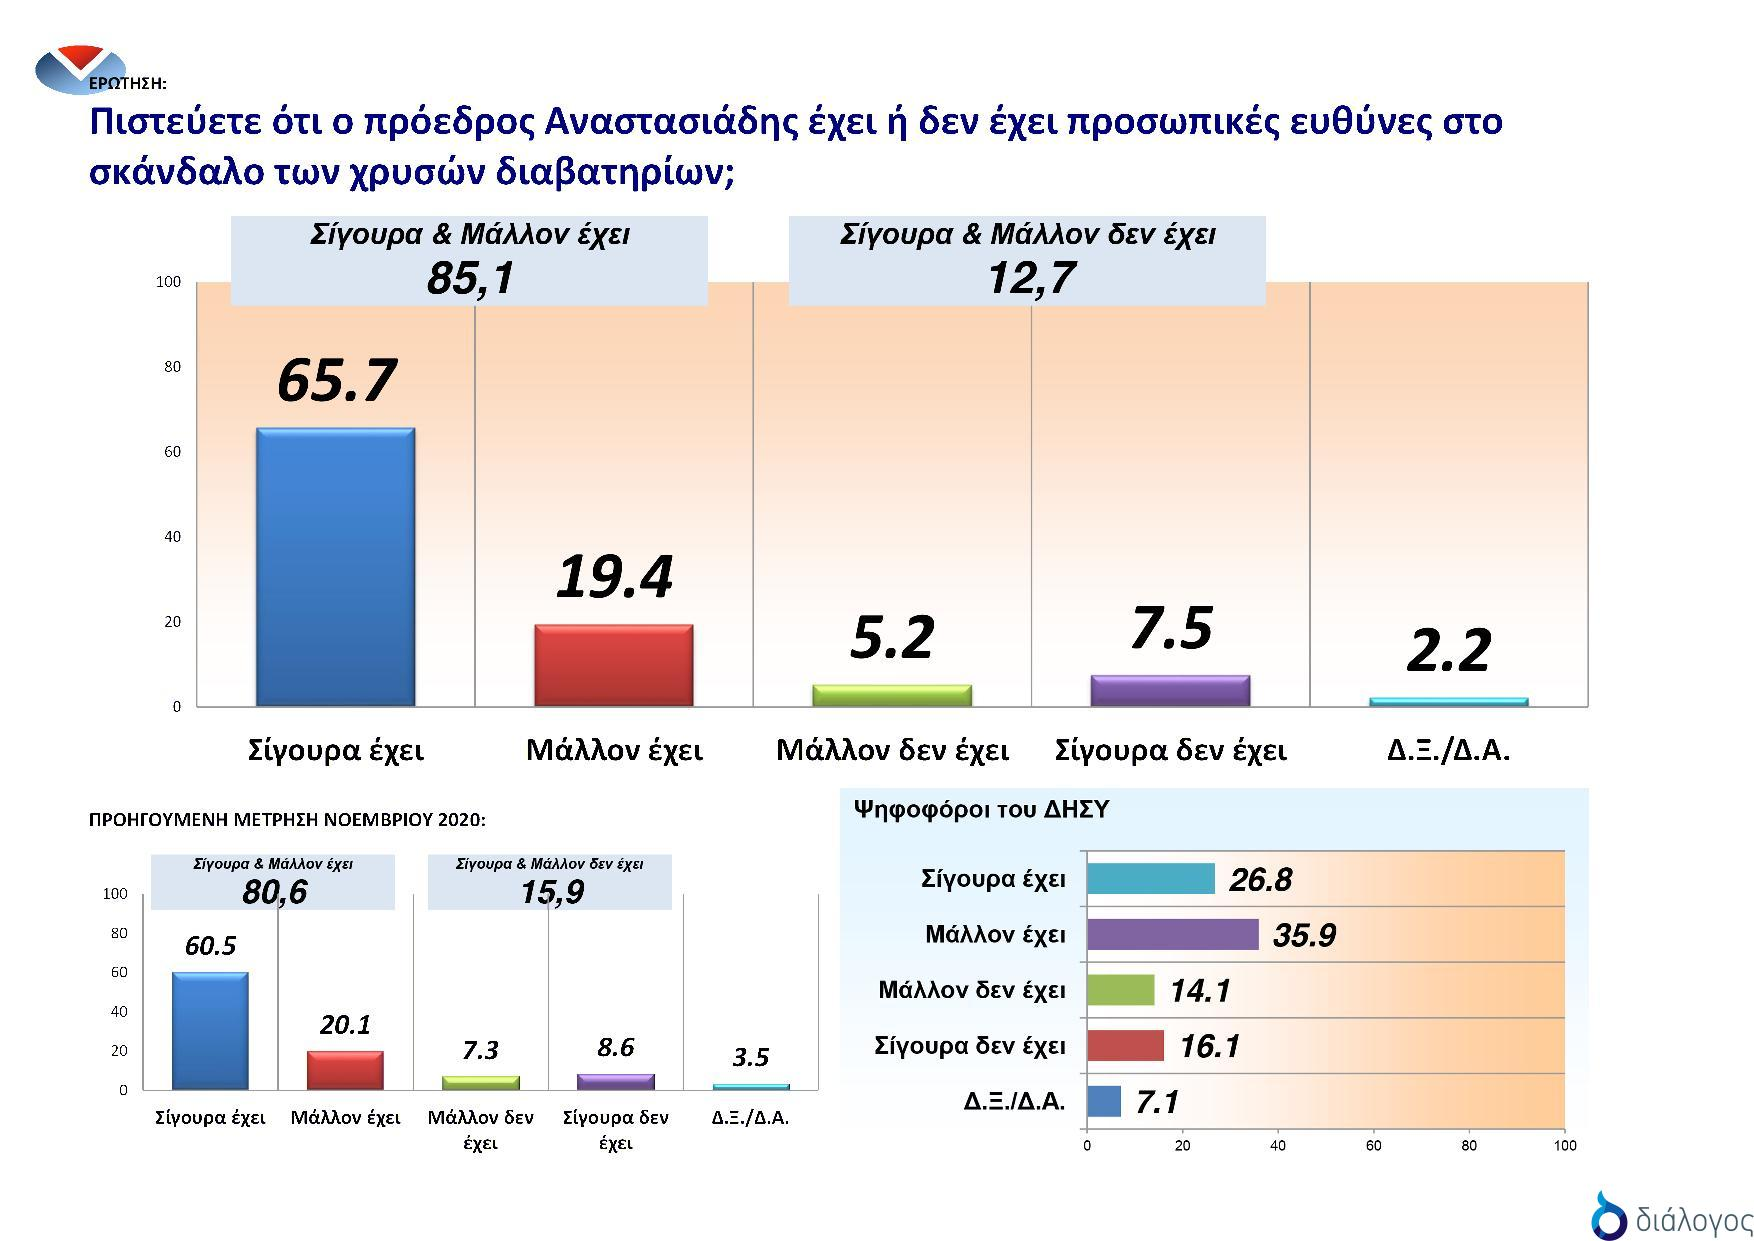 ΕΠΙΛΟΓΗ Έκθεση Κύπρου 2 ΜΑΡΤΙΟΥ 2021 page 004